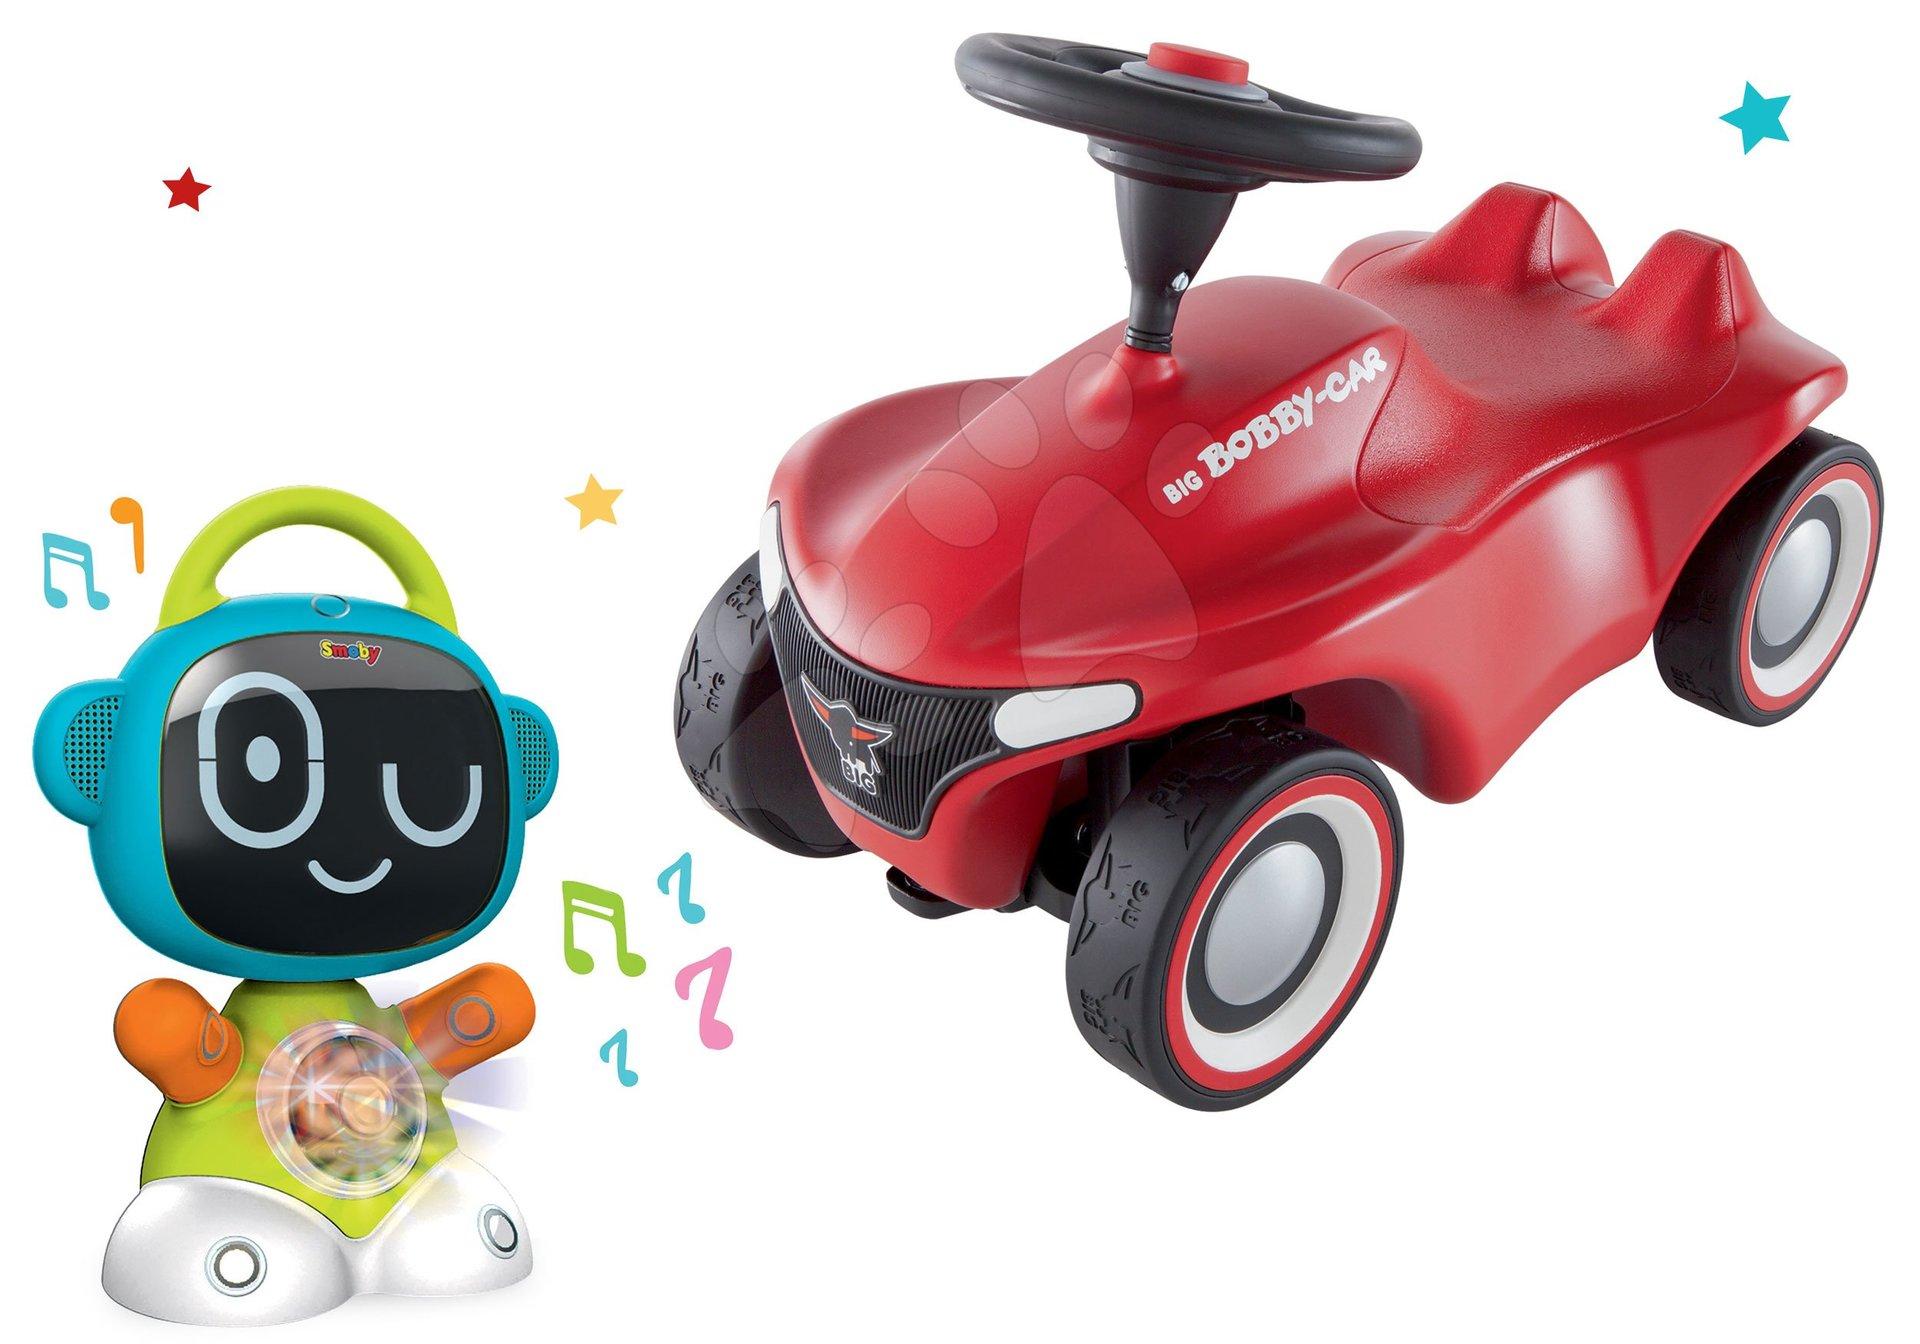 Set interaktívny Robot TIC Smart Smoby s 3 náučnými hrami a odrážadlo auto Bobby Car Neo Red